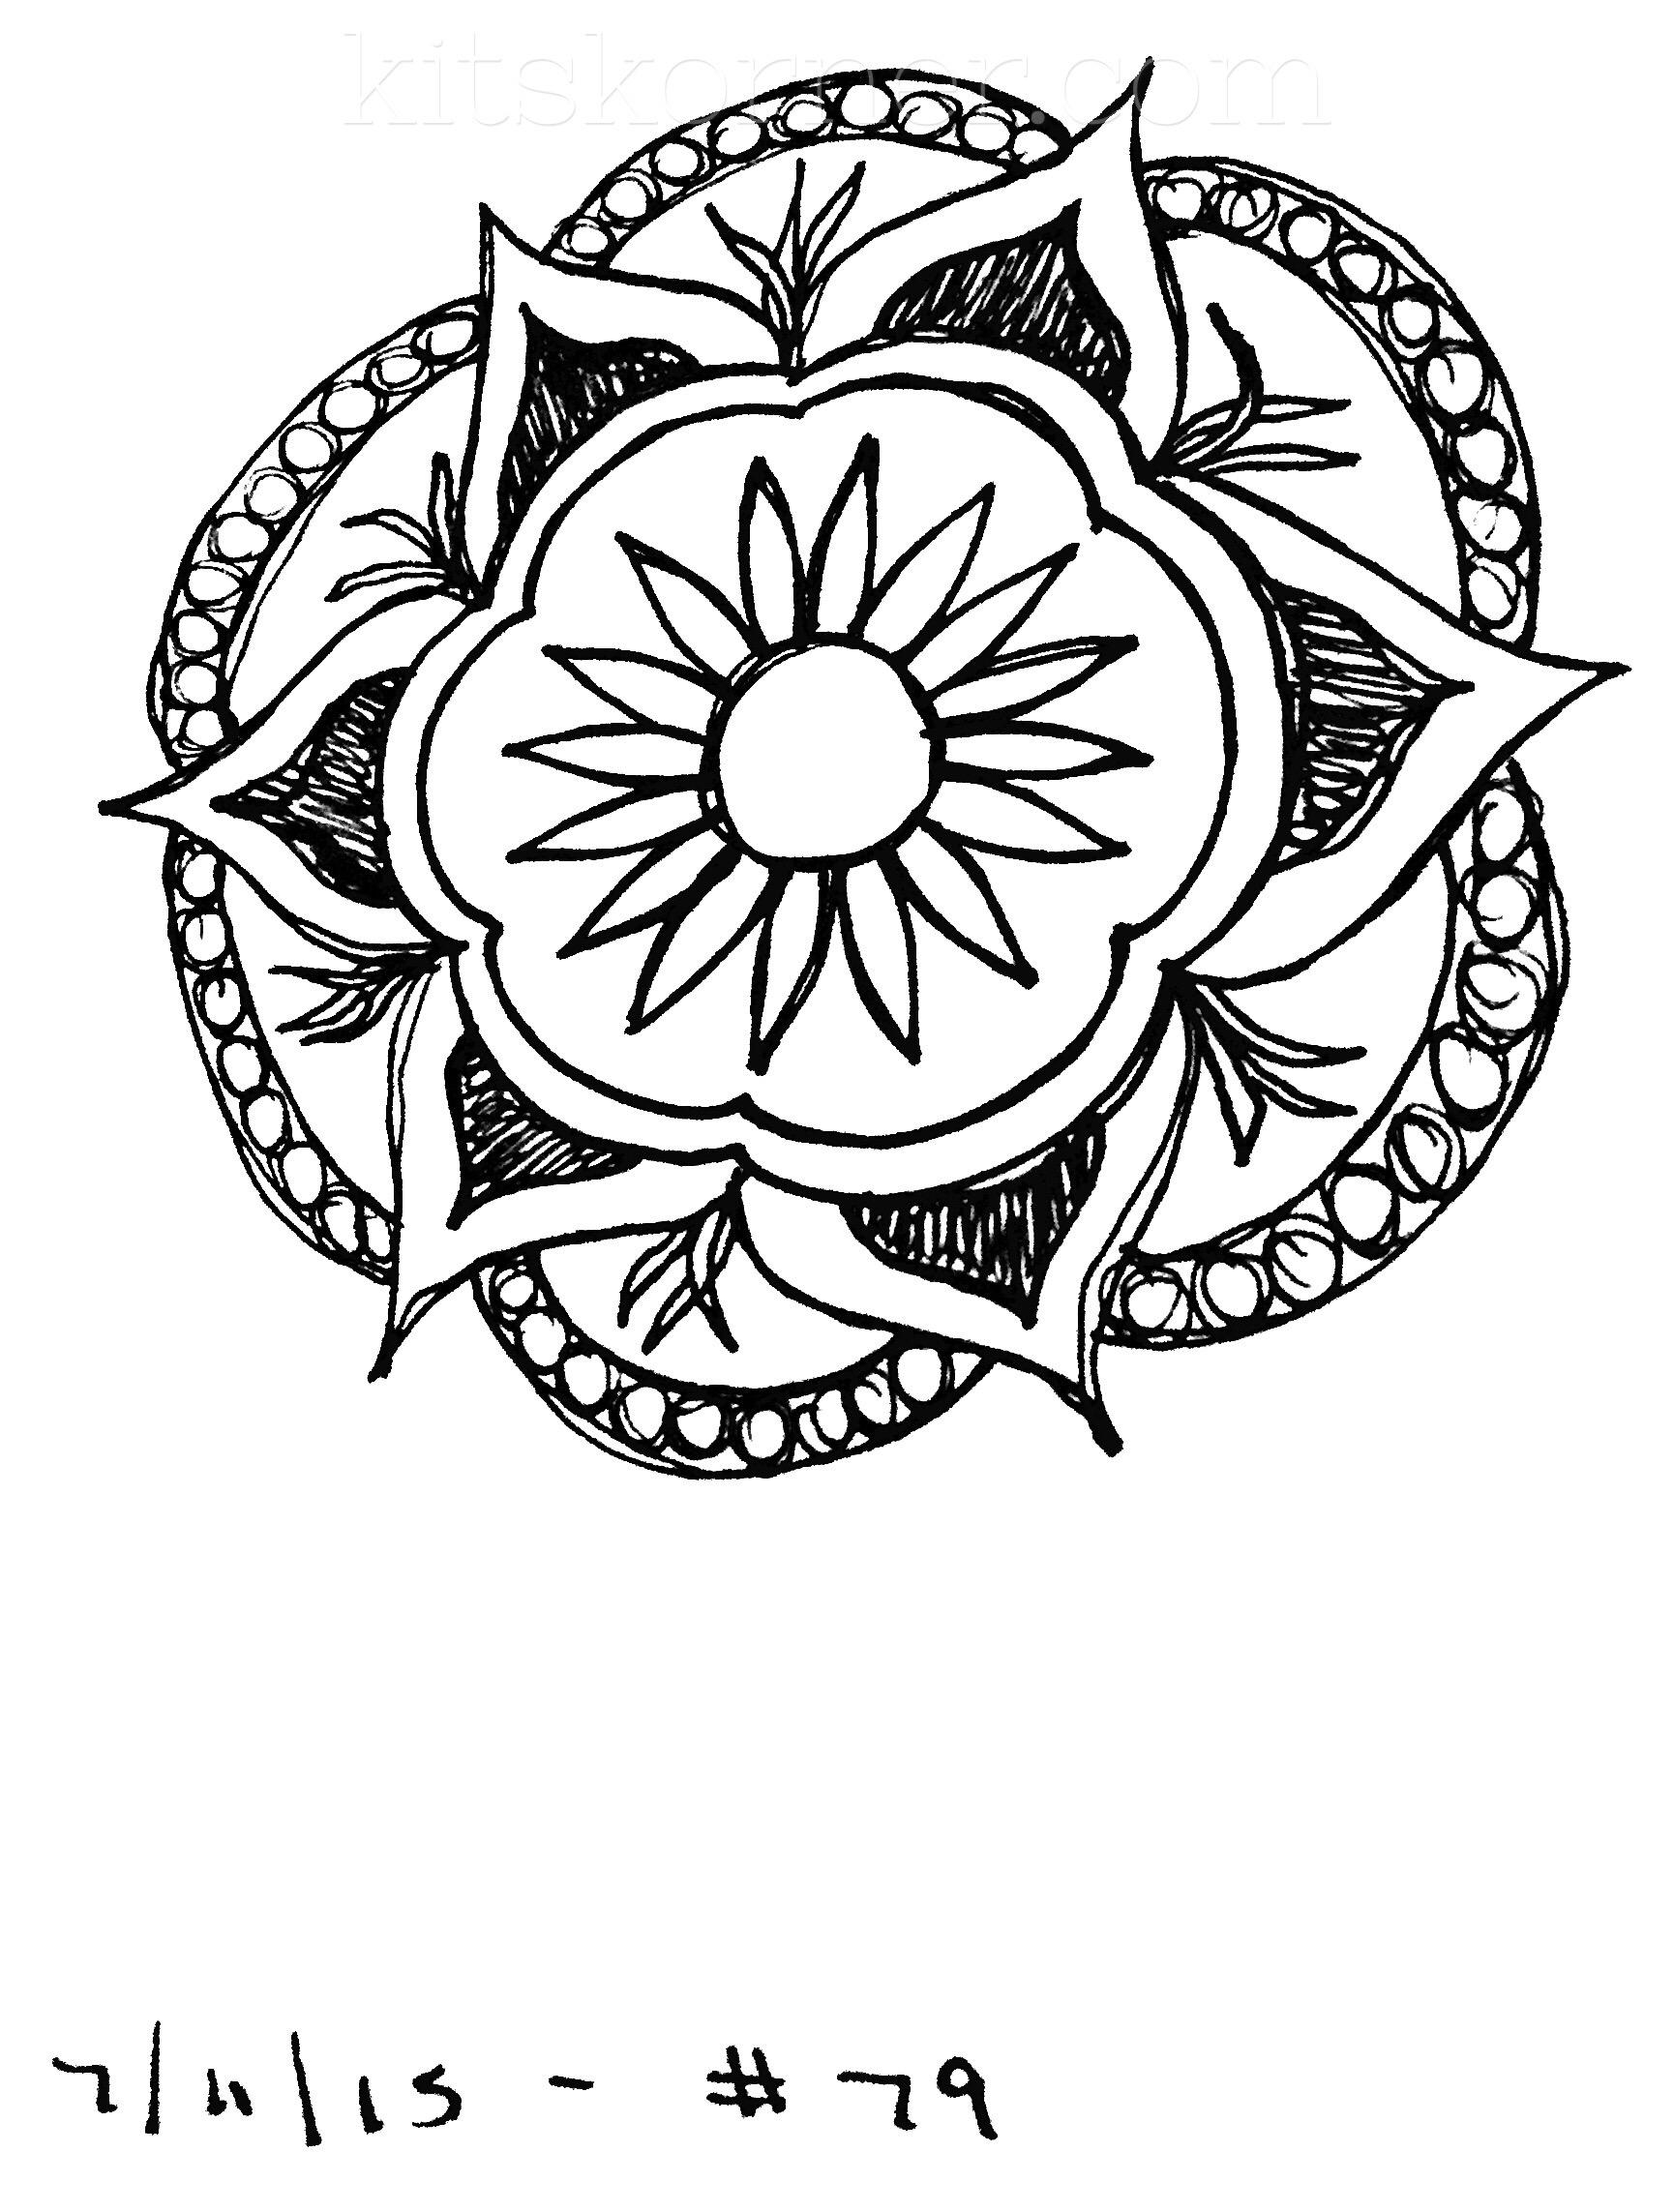 Sketchbook : 100 Mandalas Challenge Week 13